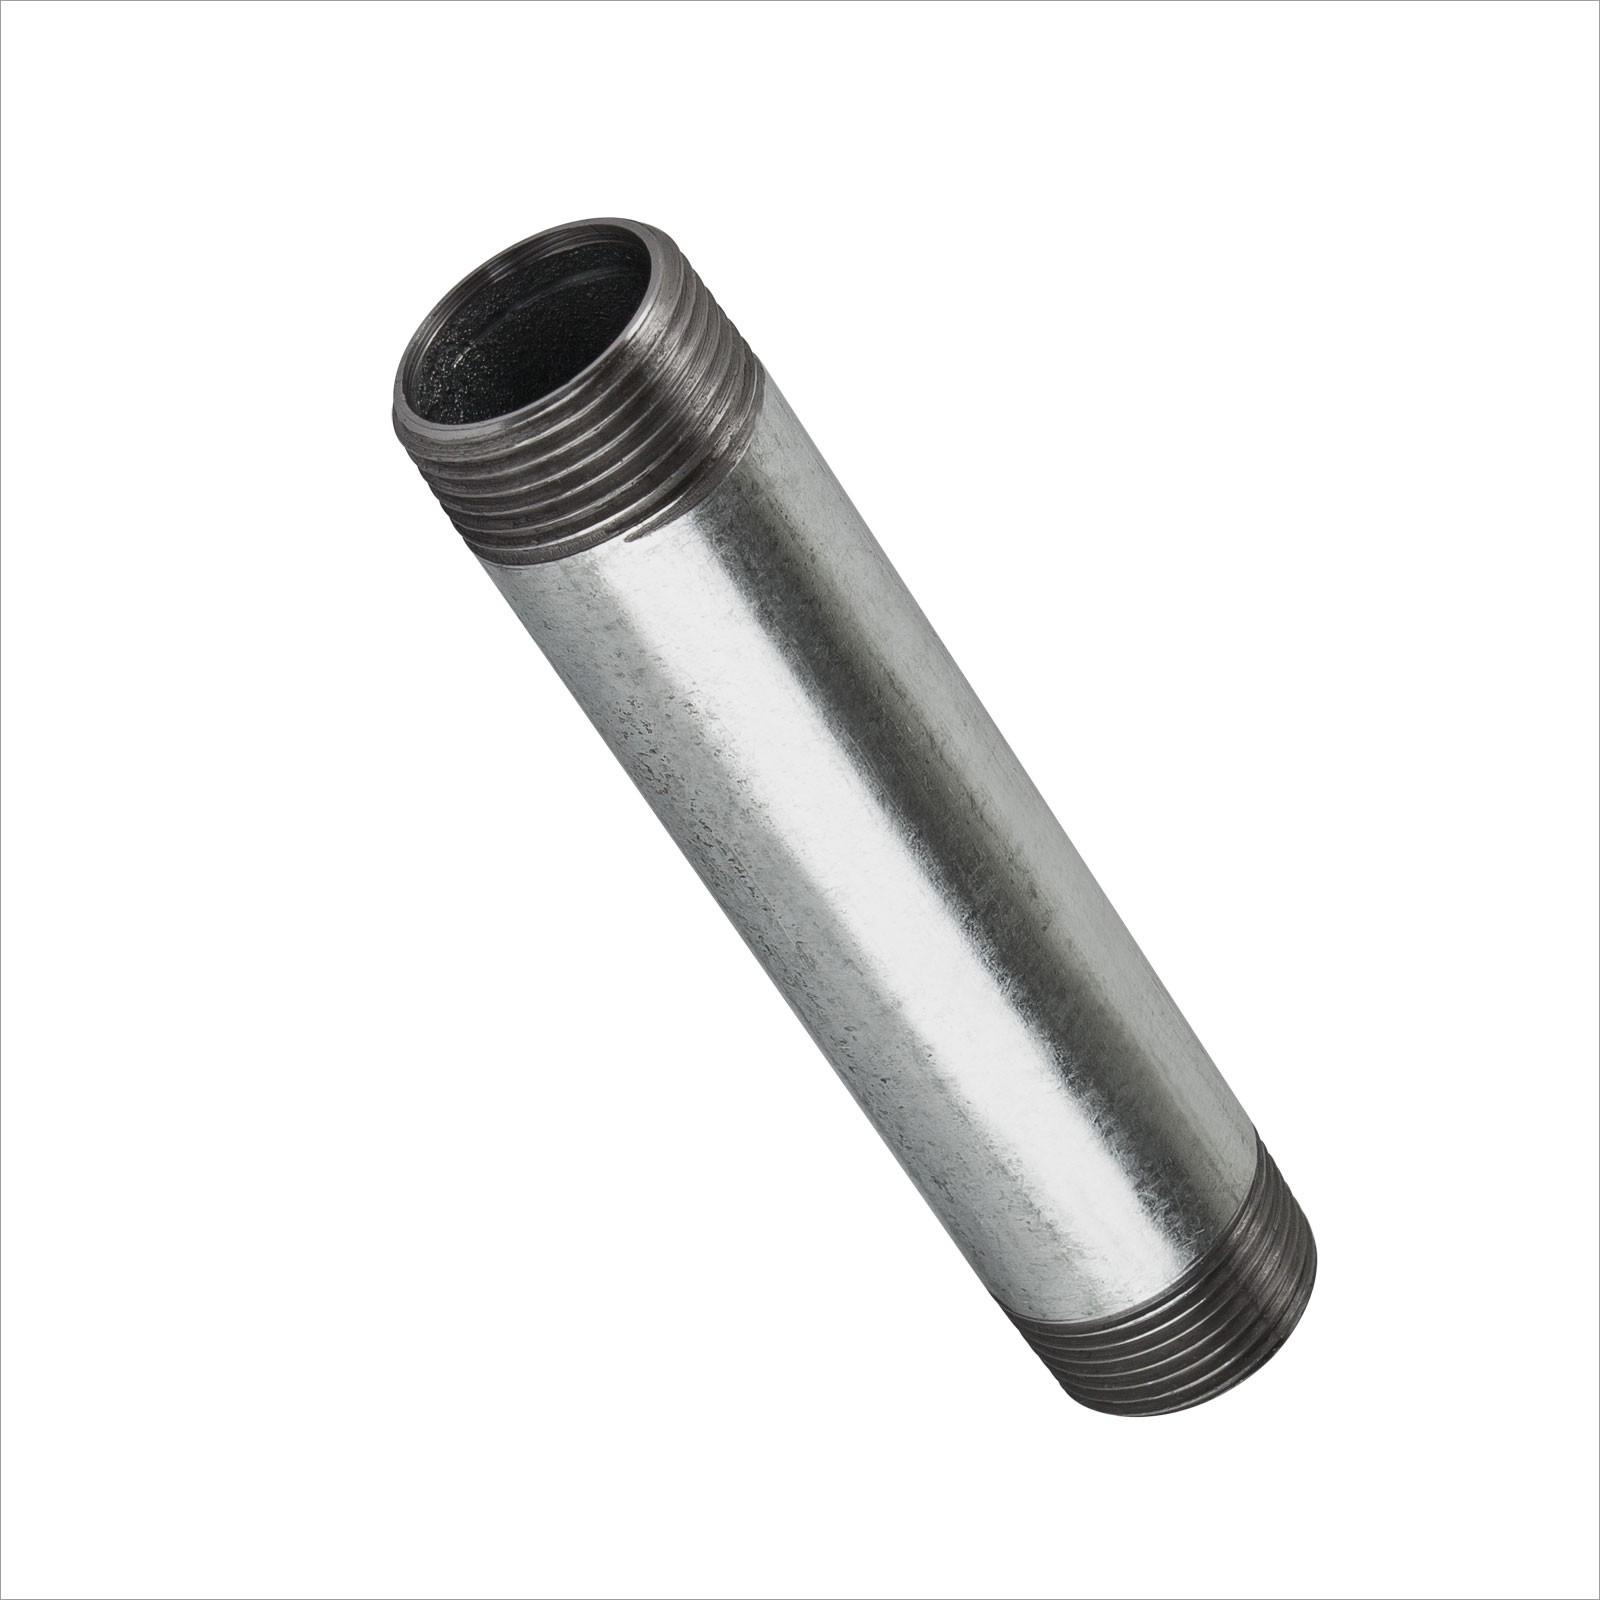 160 Rohrdoppelnippel Temperguss verzinkt  Außengewinde 2 Zoll 150mm Länge